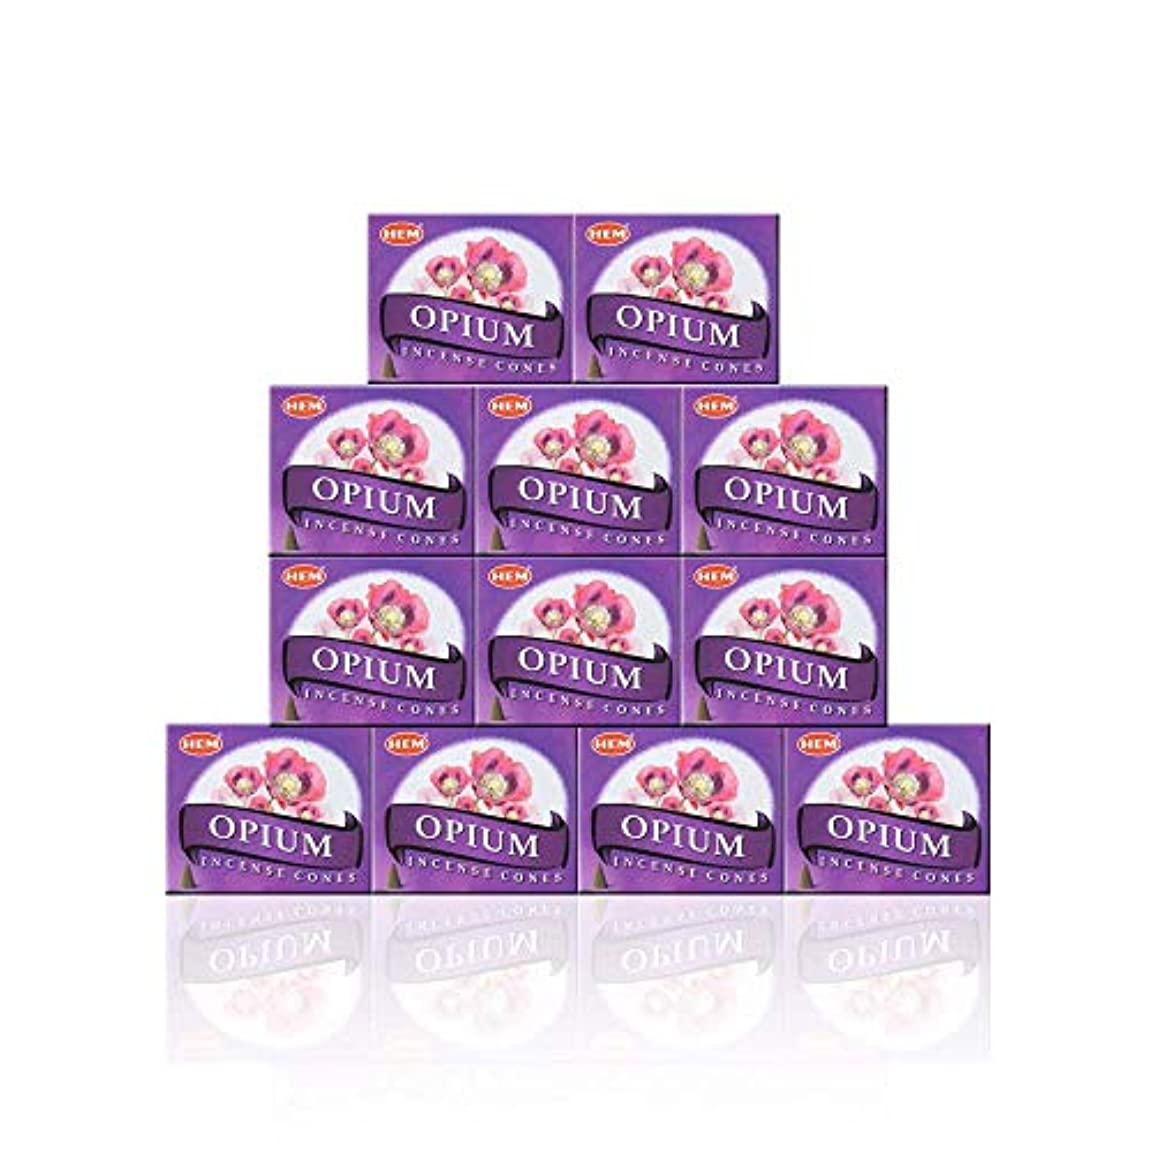 限られた特に荷物HEM(ヘム) オピウム香 コーンタイプ OPIUM CORN 12箱セット